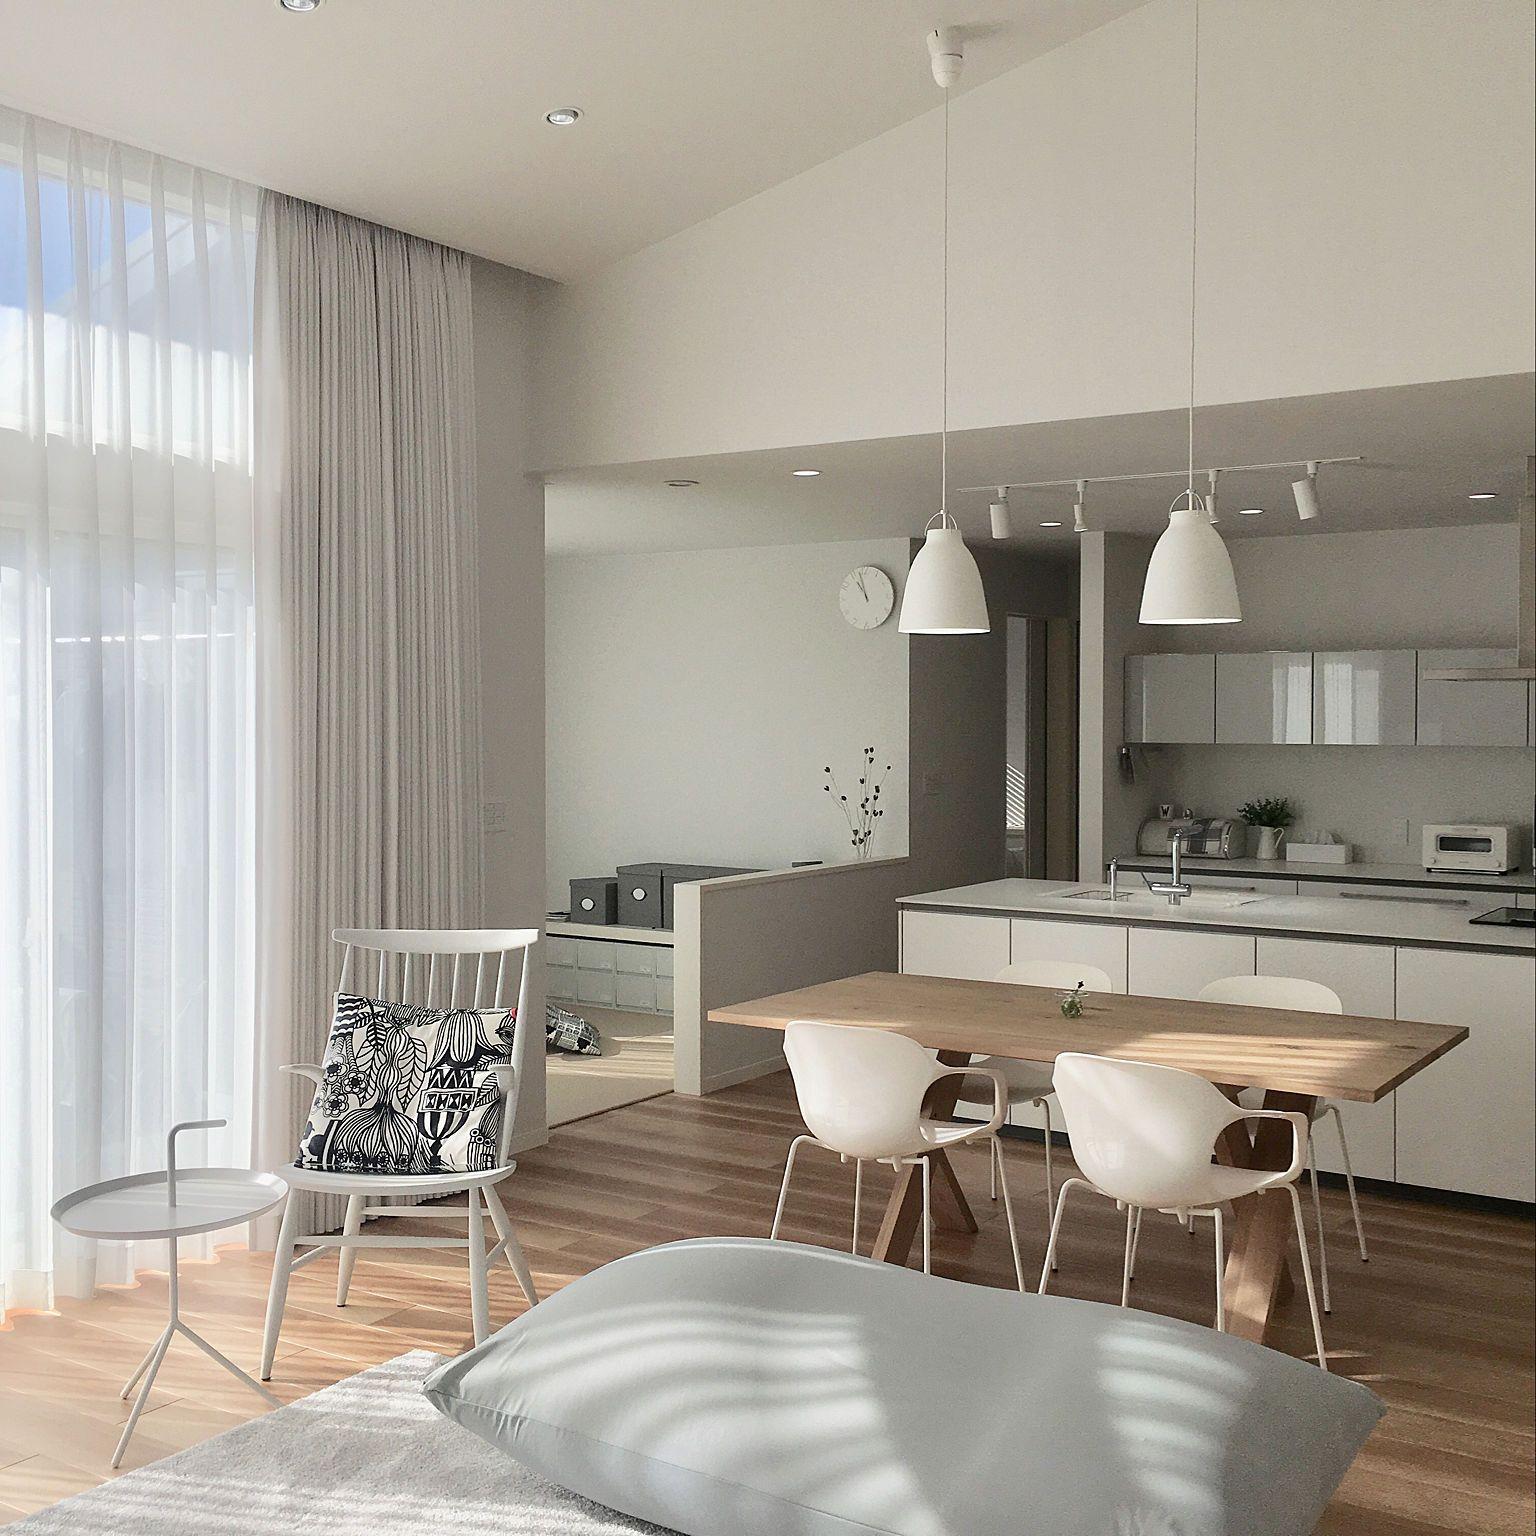 レトロ家具が気になるあなたは必見 押さえておきたい6つのこと 2020 部屋 ヴィンテージ家具 家具